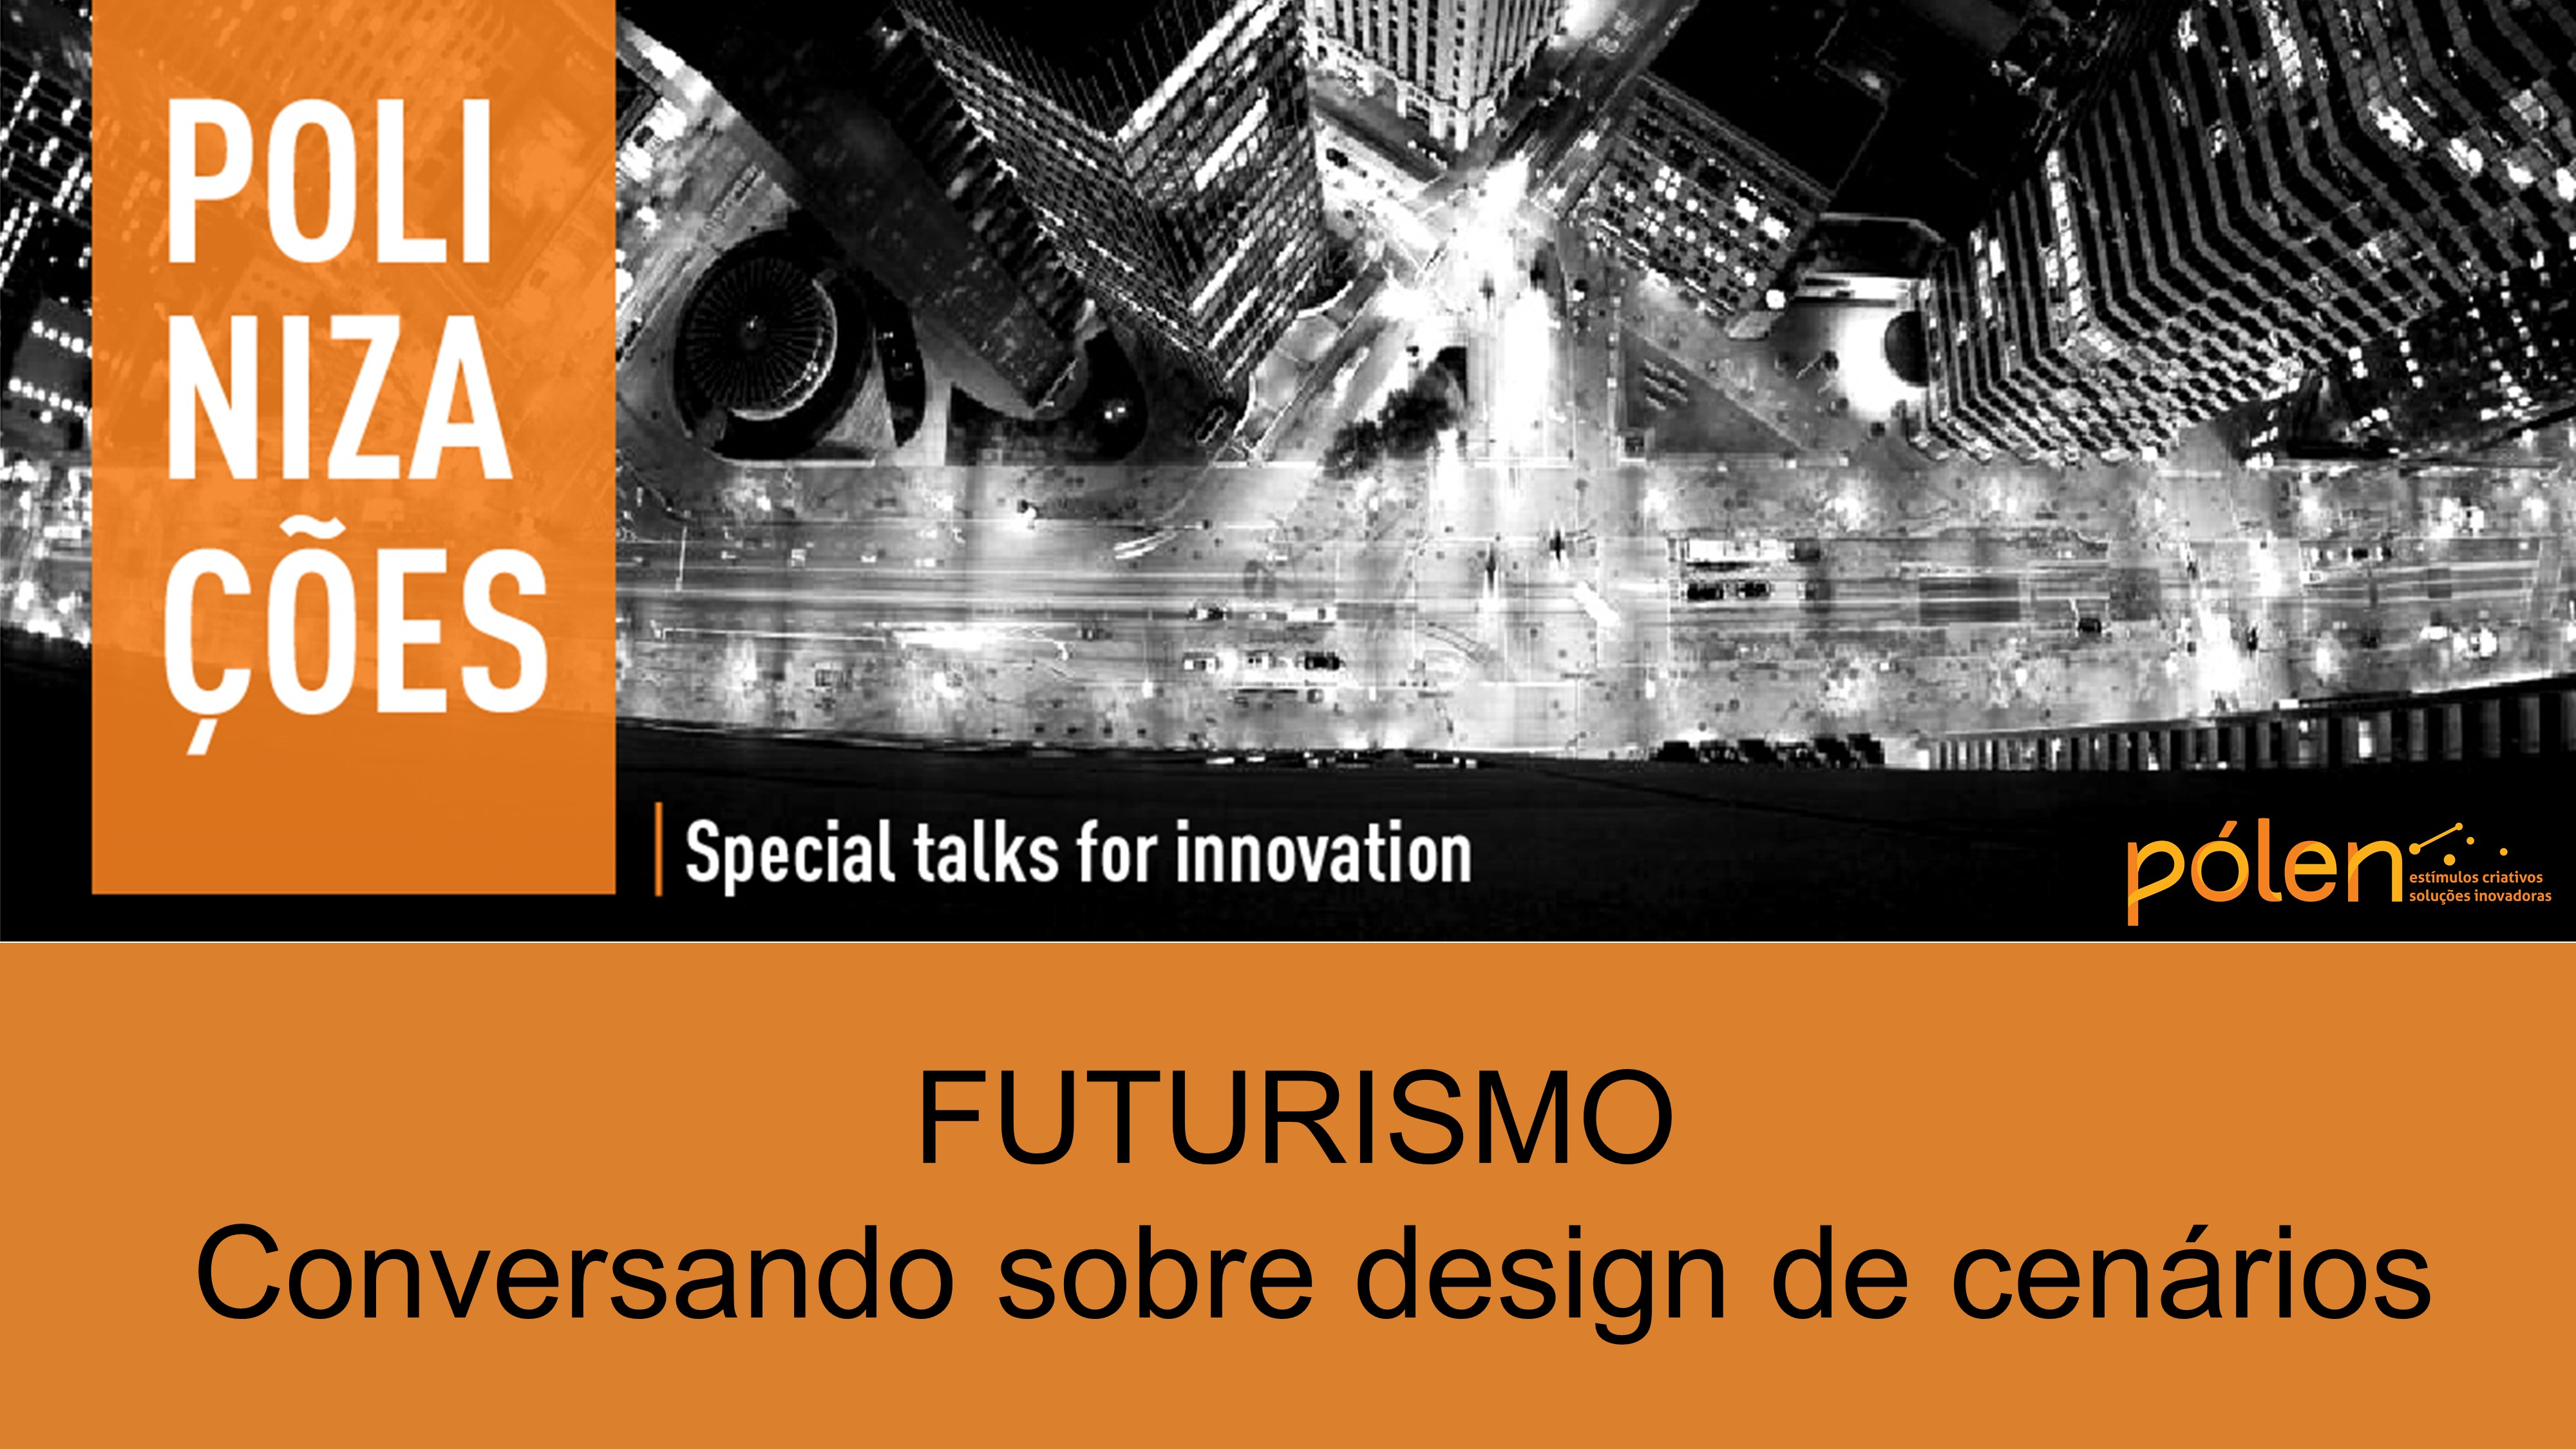 Futurismo - Conversando sobre design de cenários